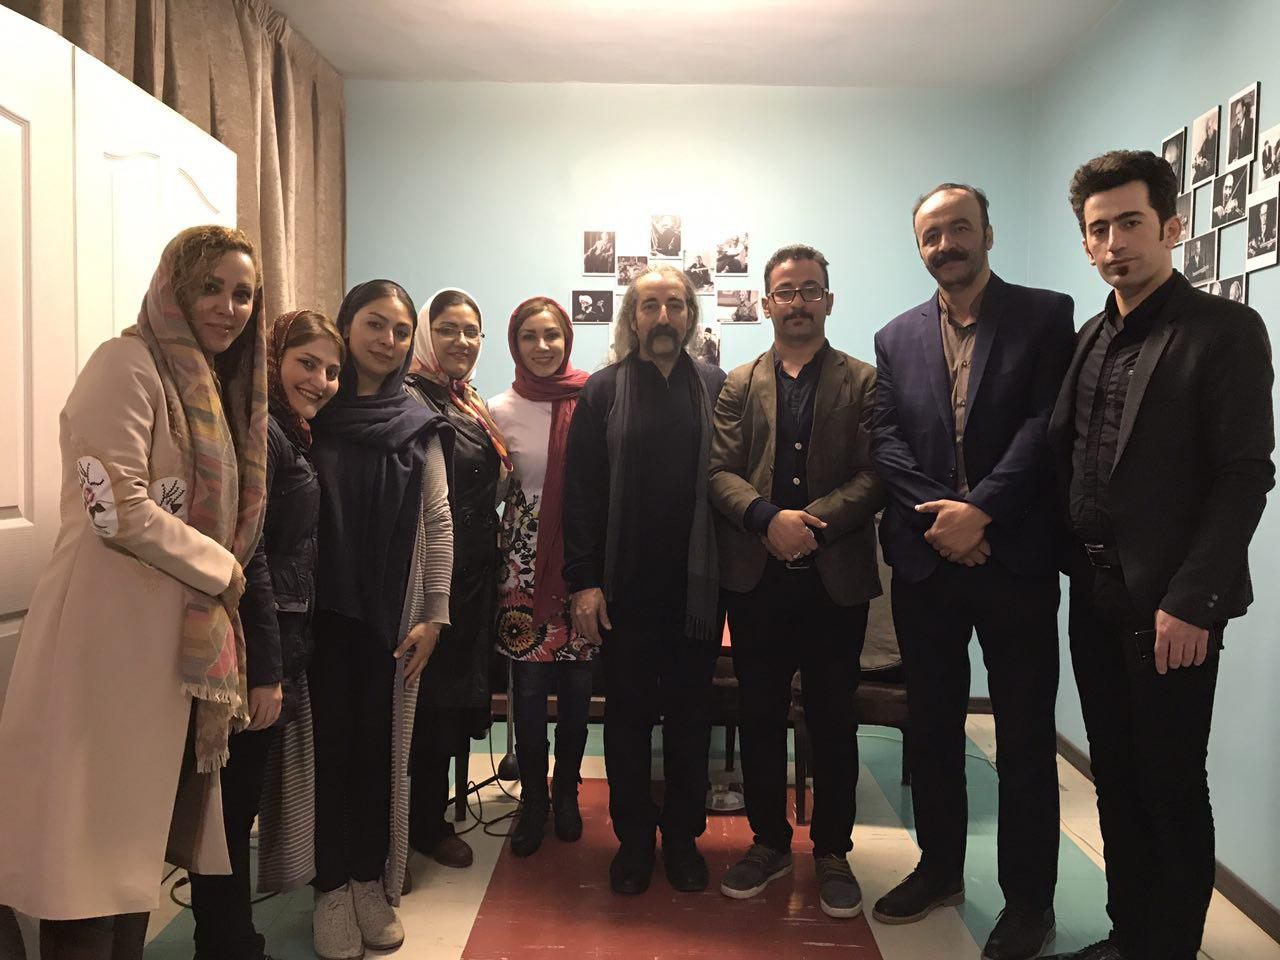 برگزاری کارگاه مقام شناسی دف استاد منصور مرادی در آموزشگاه موسیقی ترانه